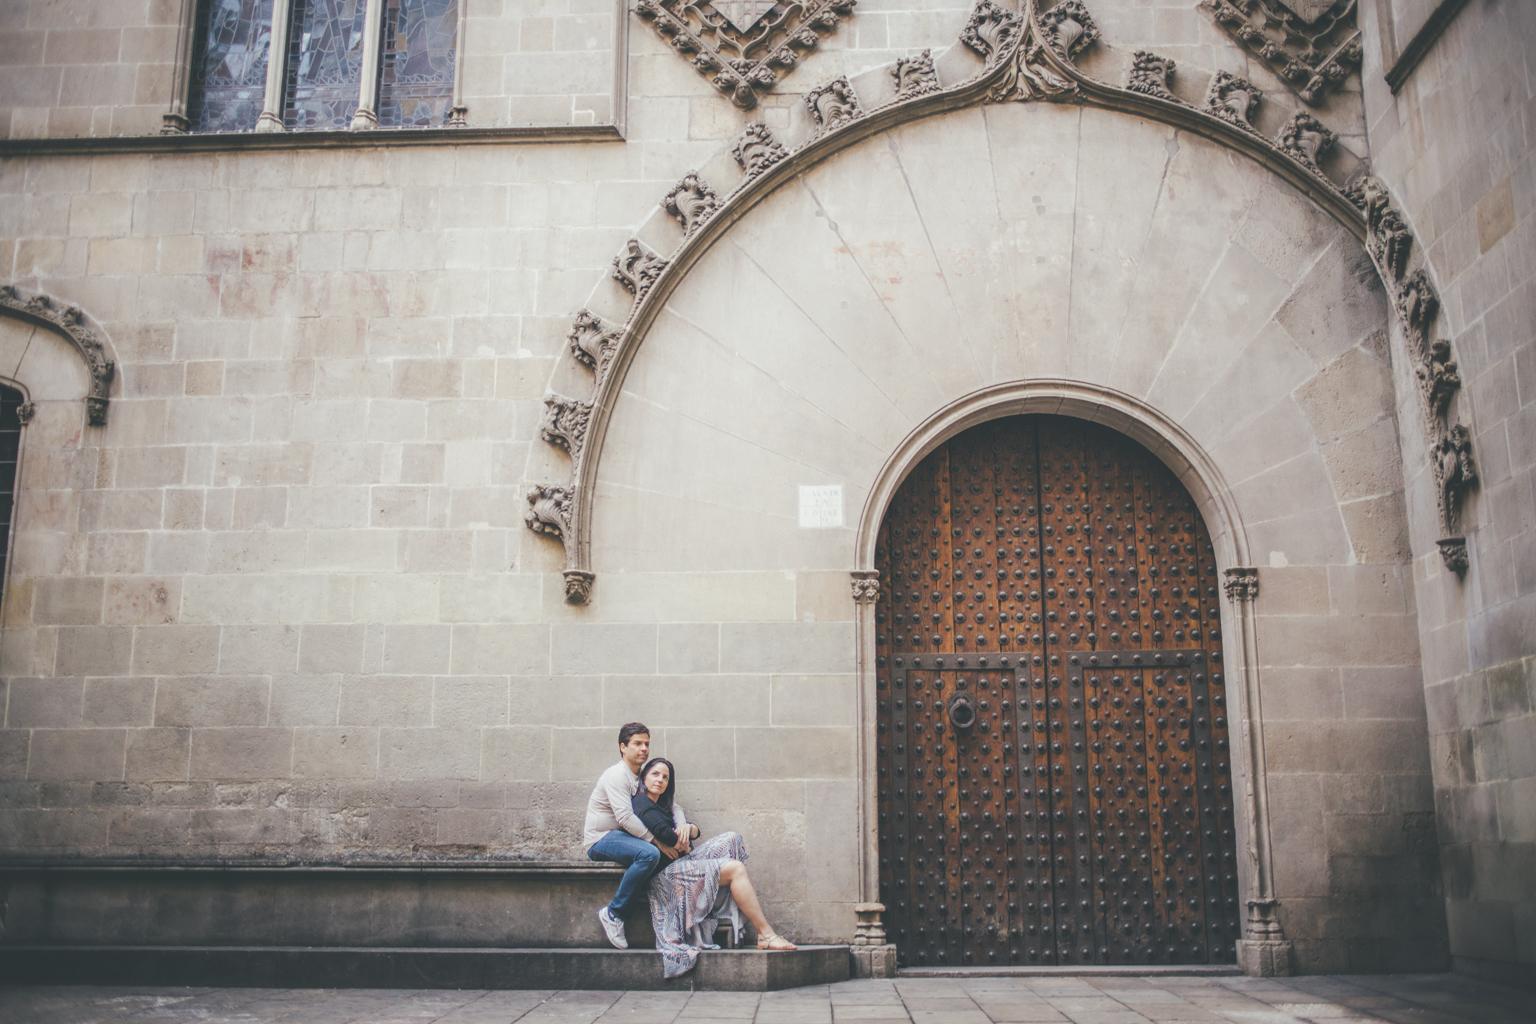 fotografo_pareja_barcelona-9